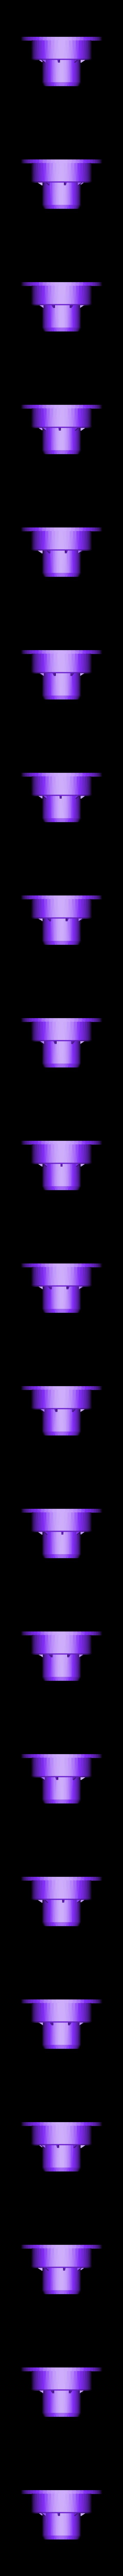 4.STL Télécharger fichier STL gratuit Bateau de bain avec distributeur de savon • Plan imprimable en 3D, jaazasja